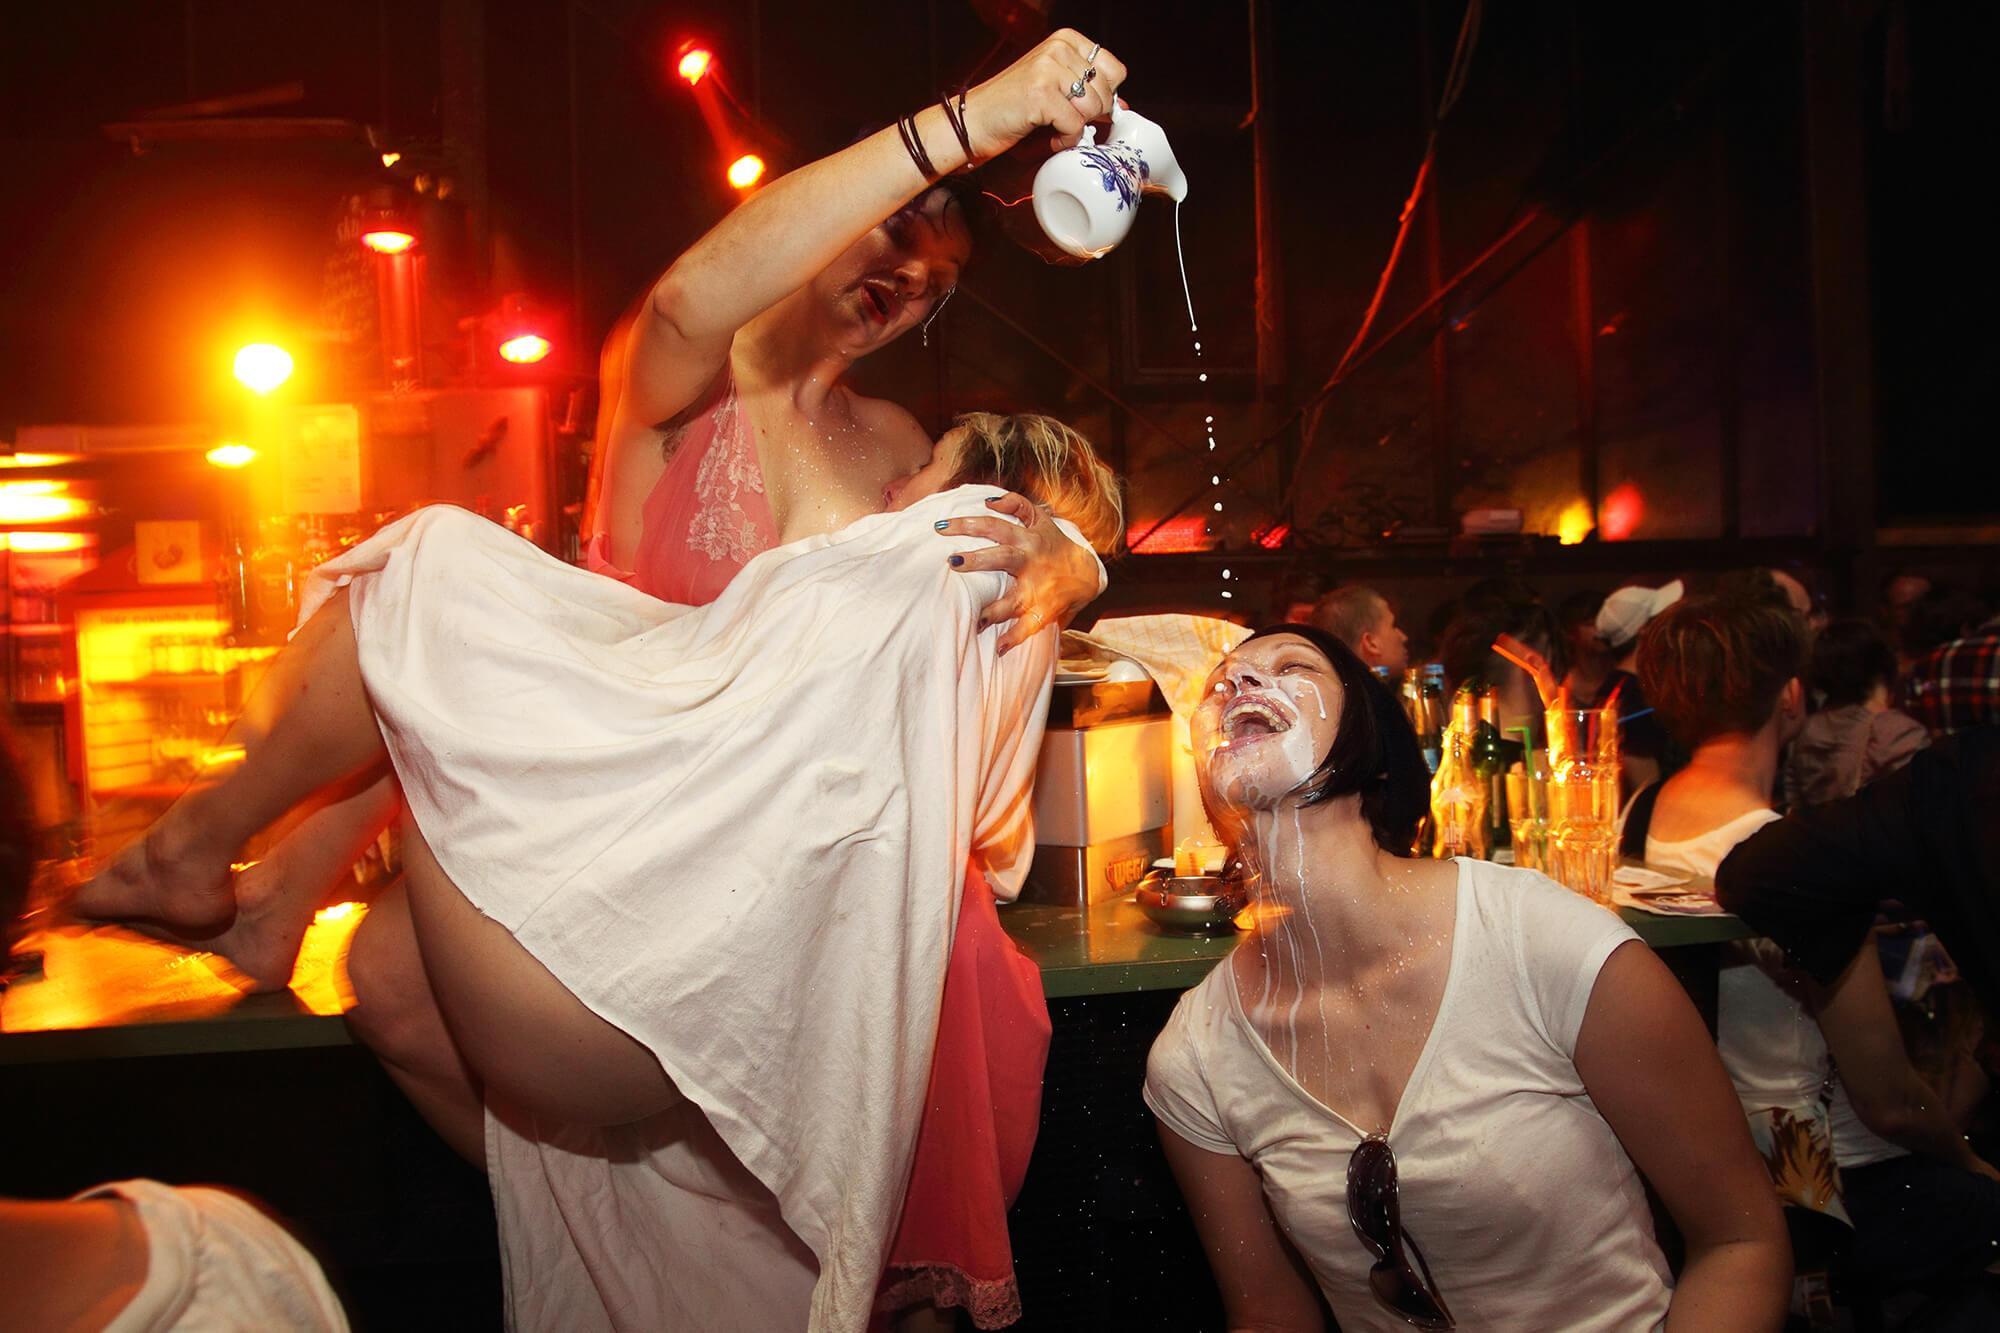 Lesbian party scene